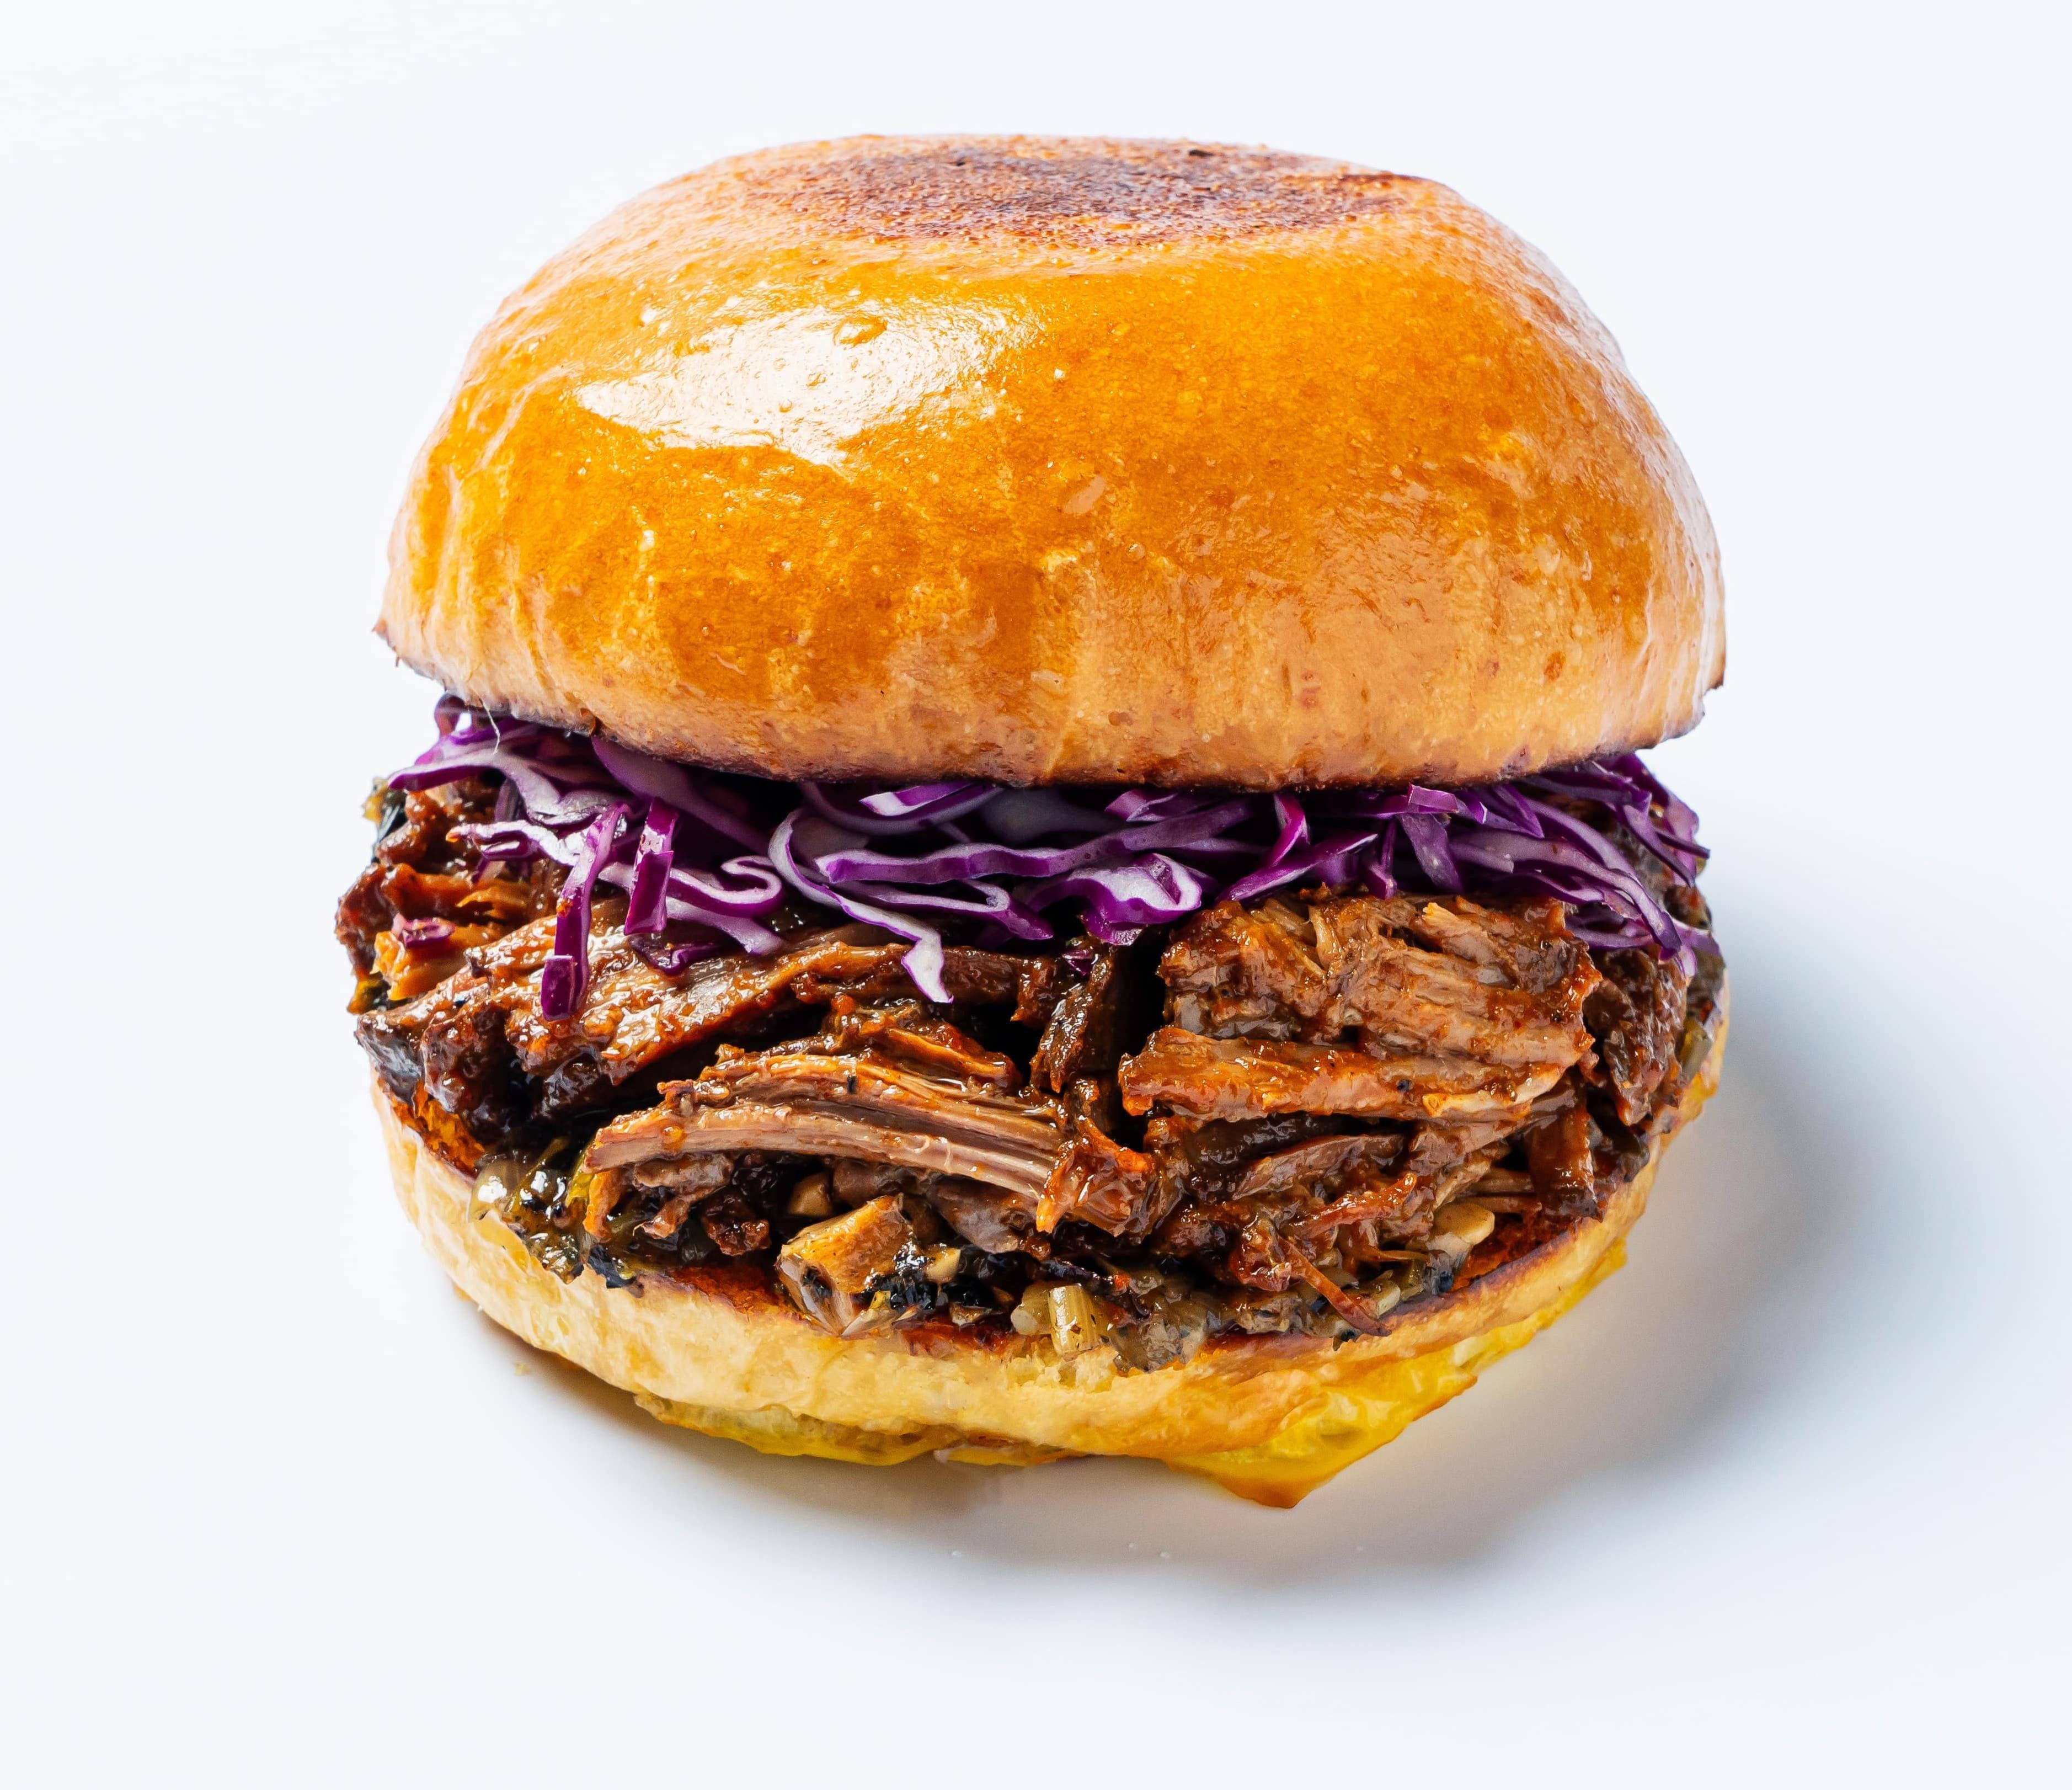 Smoked Brisket Sandwich